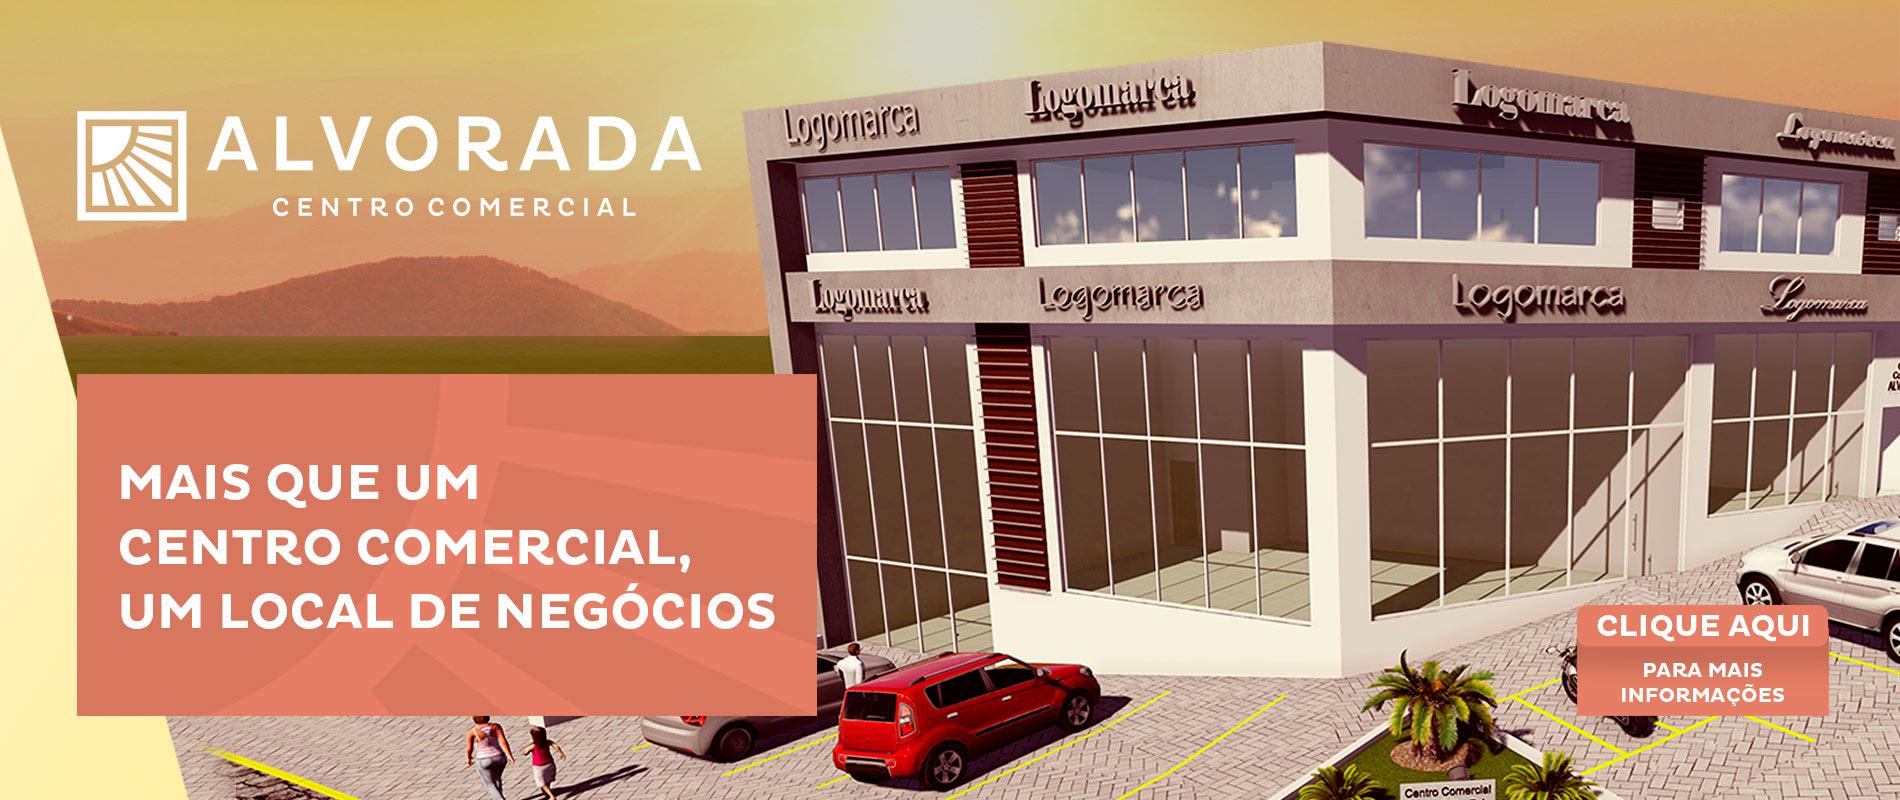 Alvorada Centro Comercial